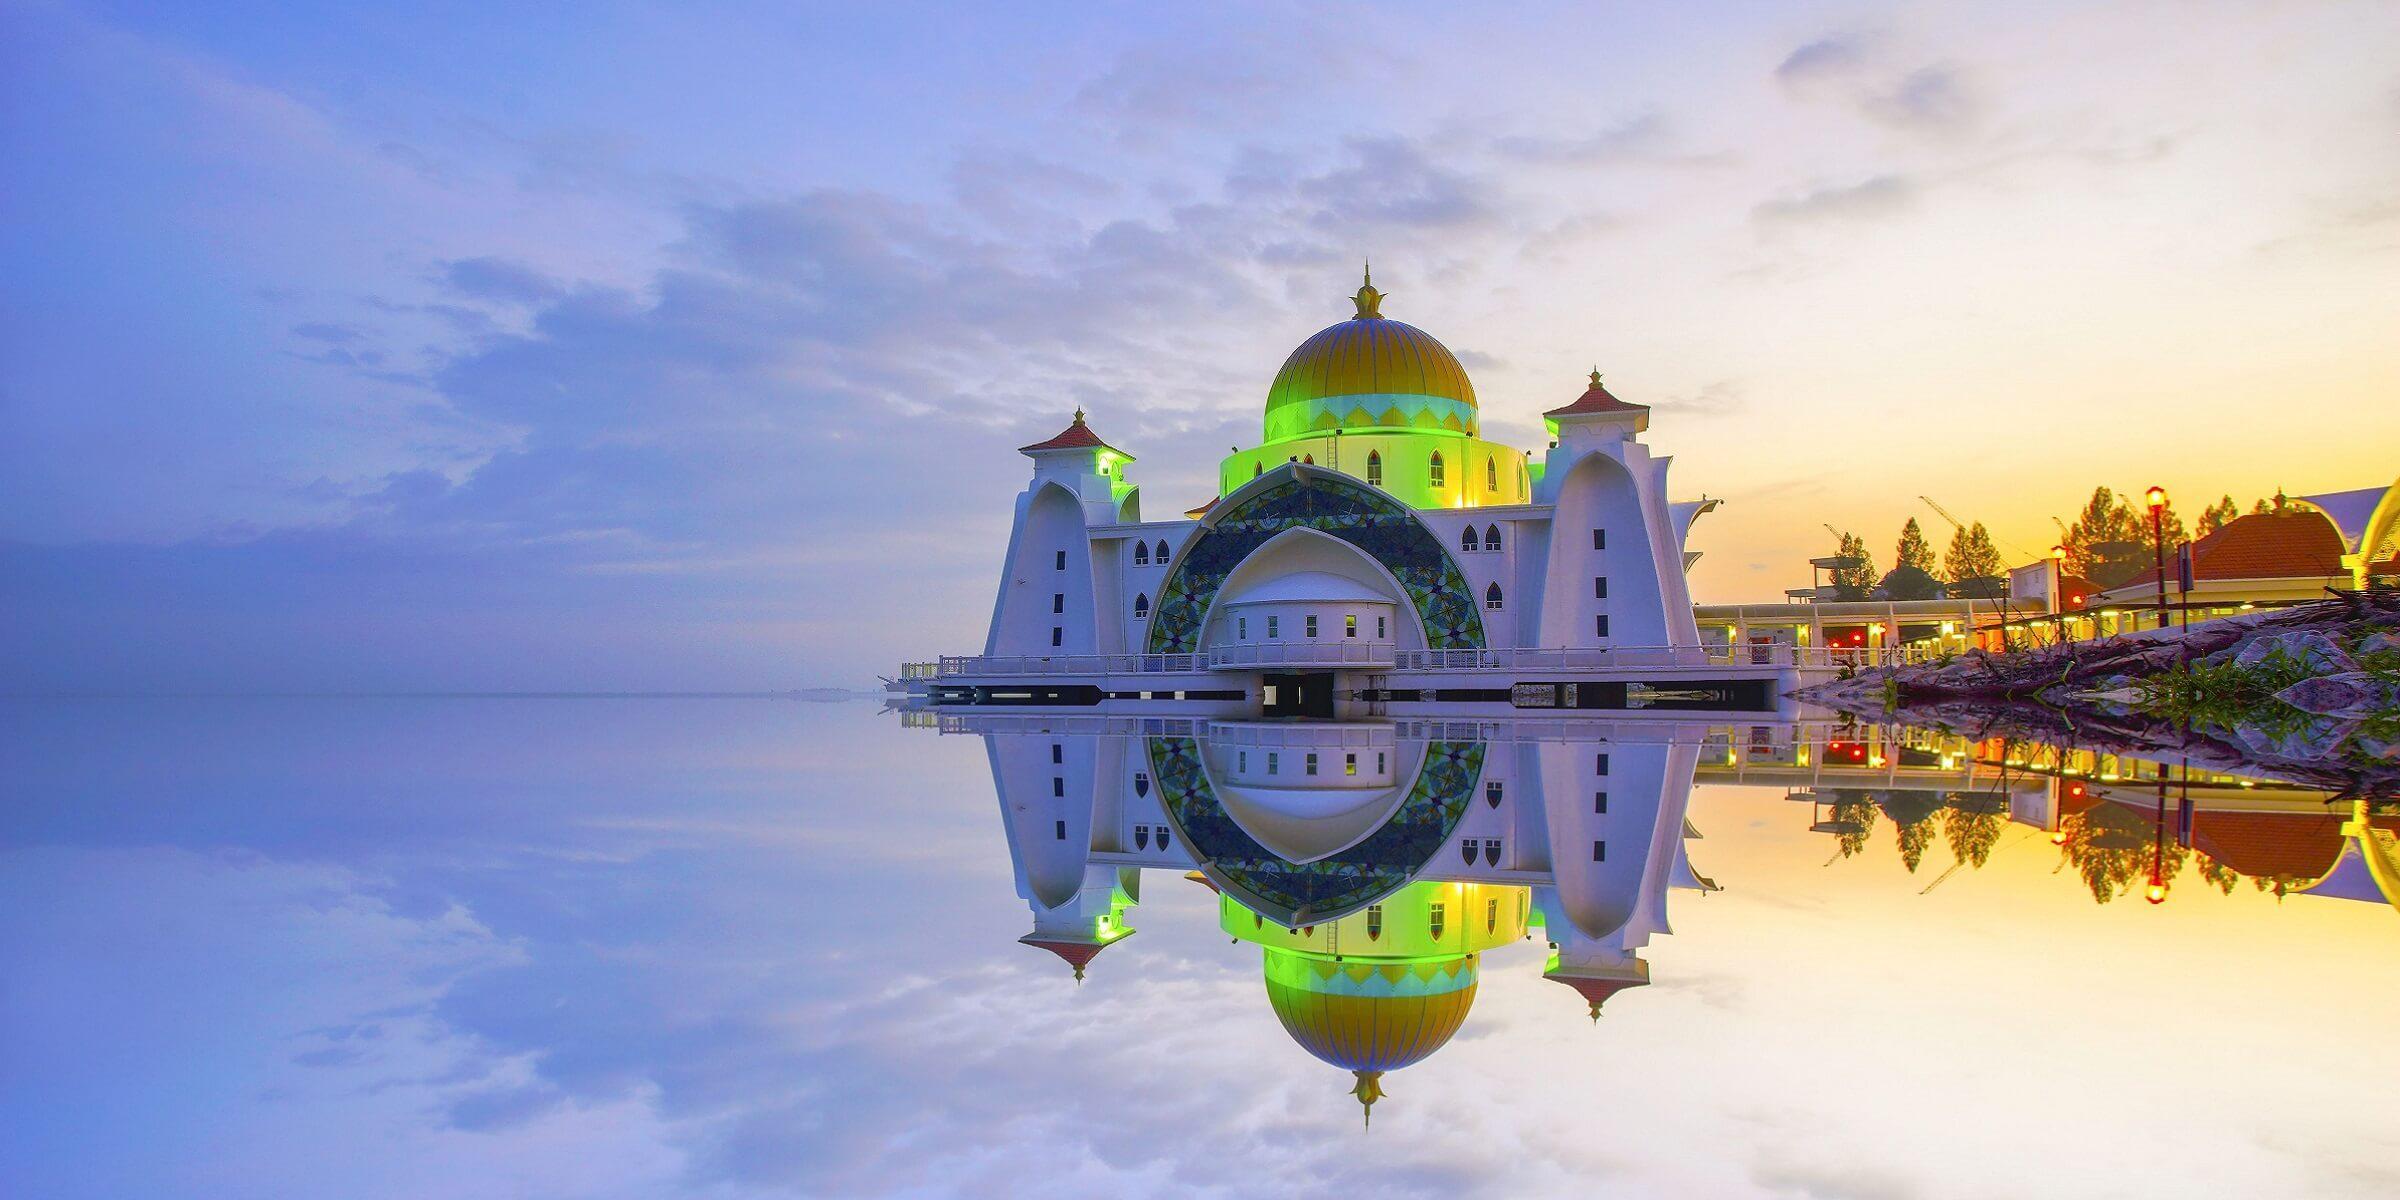 Beeindruckende Moschee direkt am Wasser gebaut